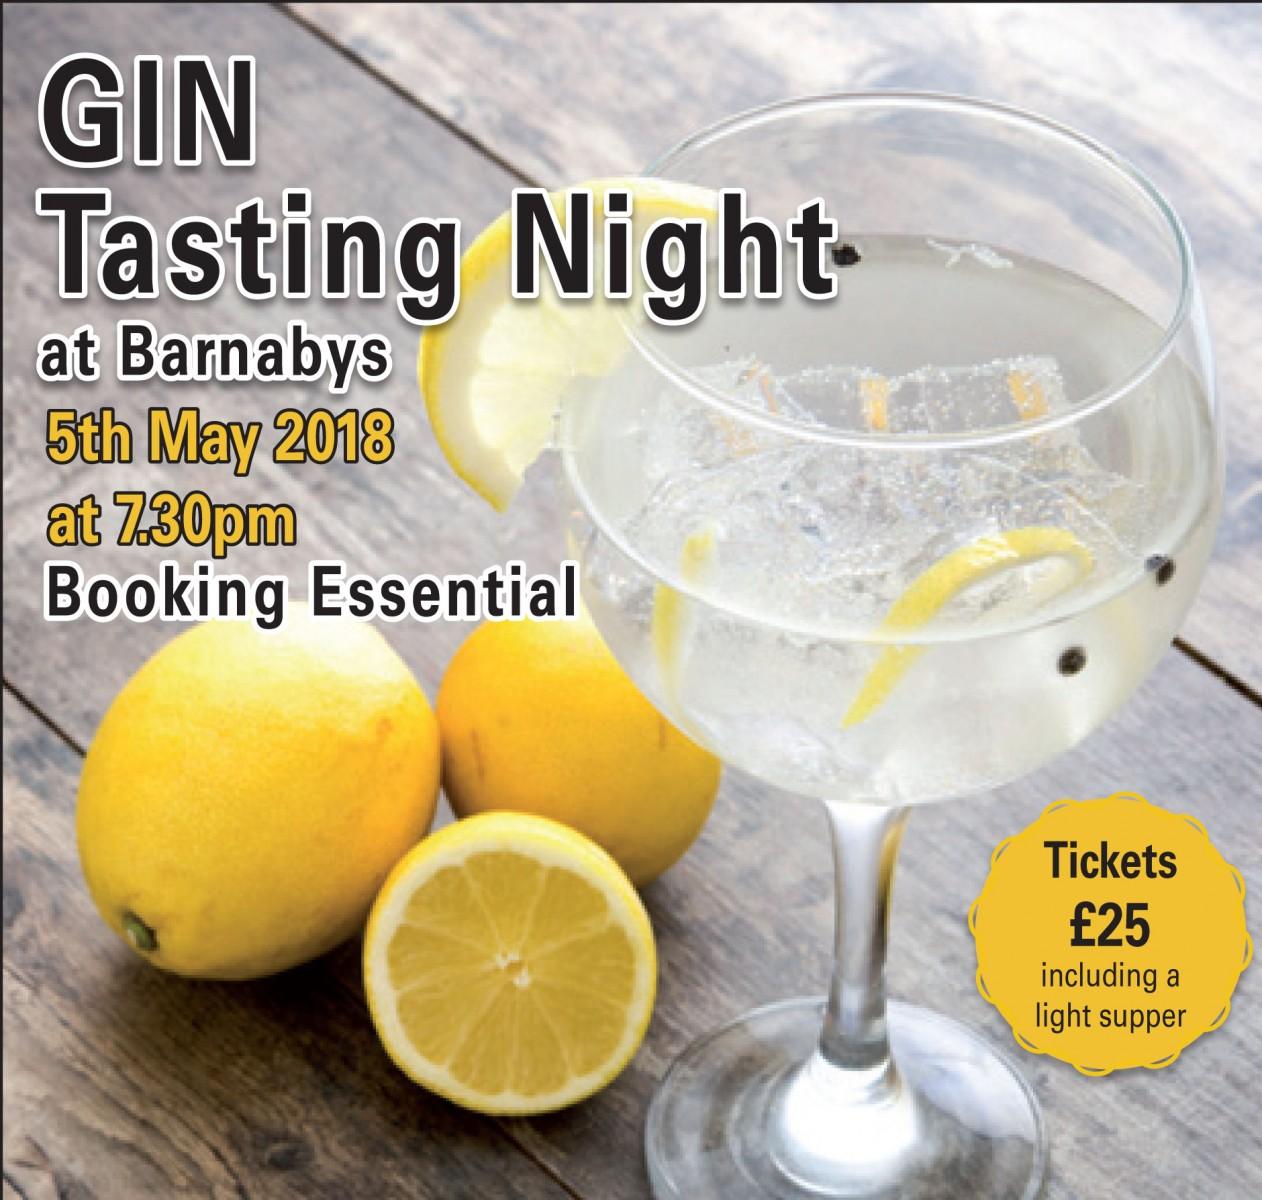 Gin Tasting Night at Barnabys!